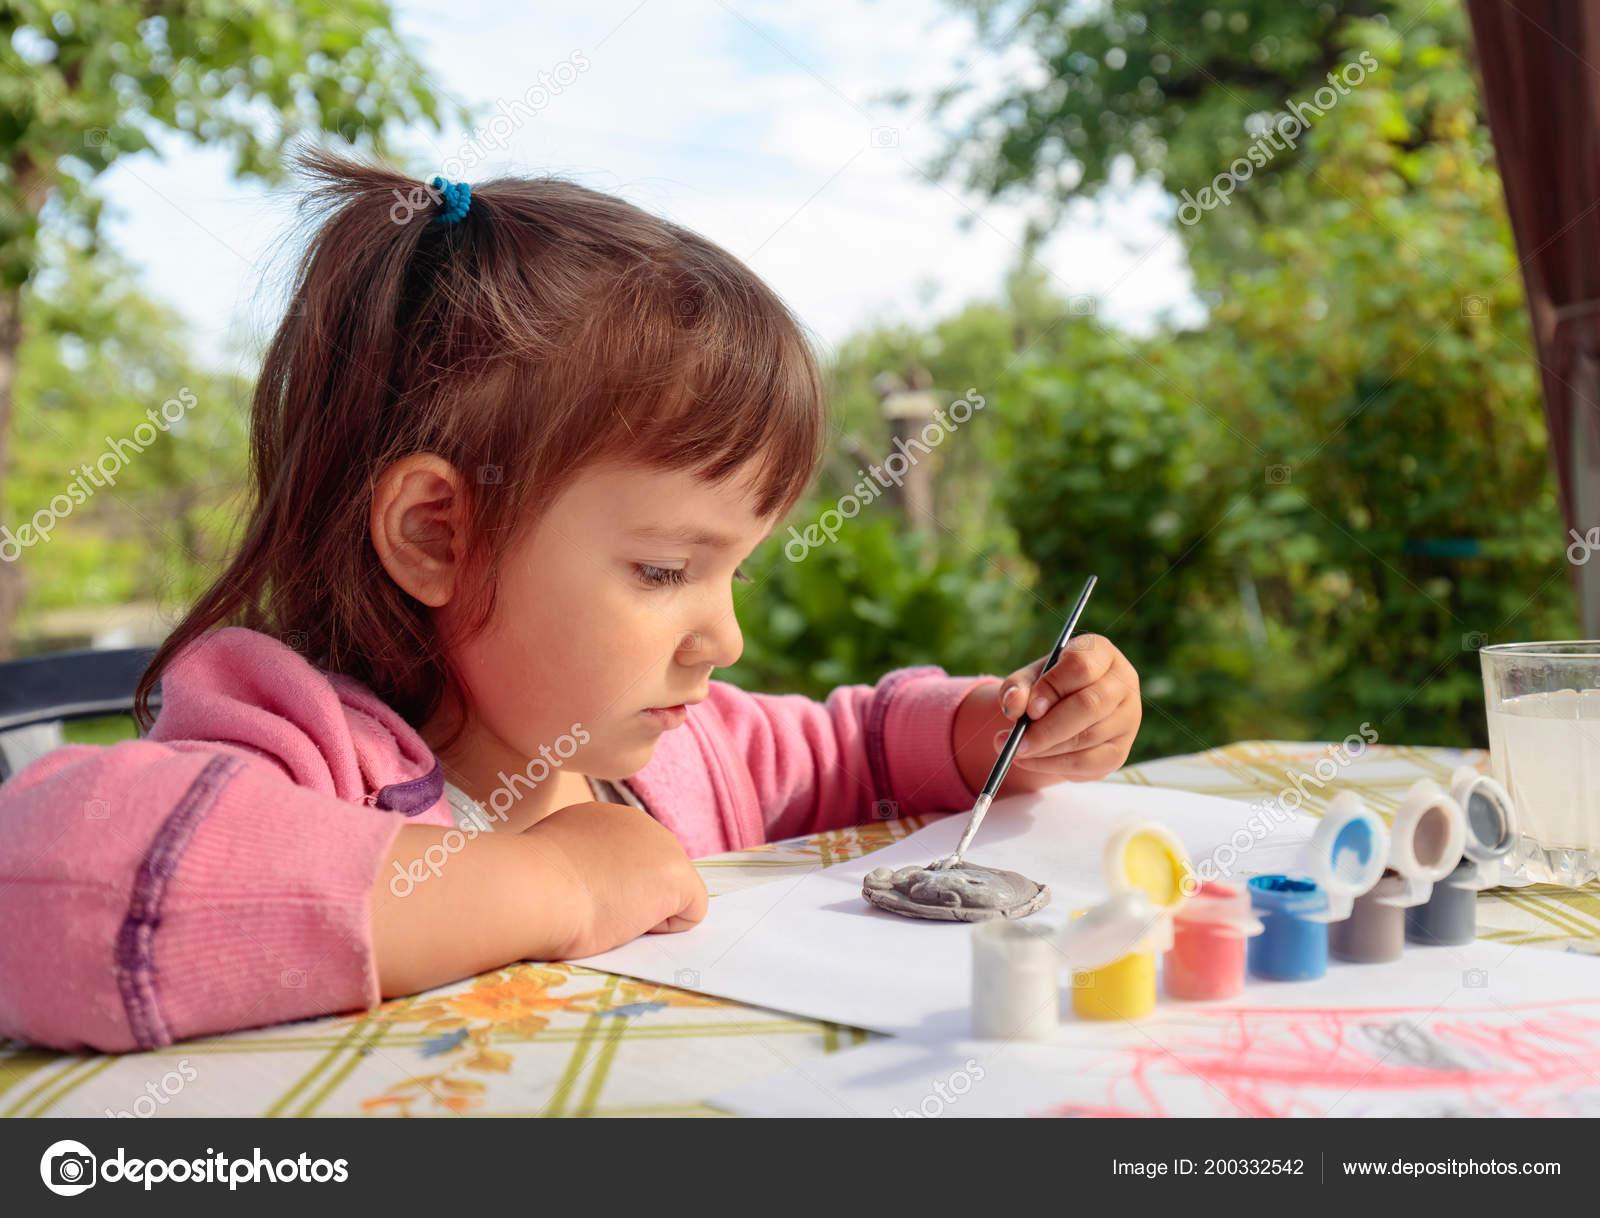 Niedliche Kleine Mädchen Malt Tierfiguren Sonnigen Sommertag Garten